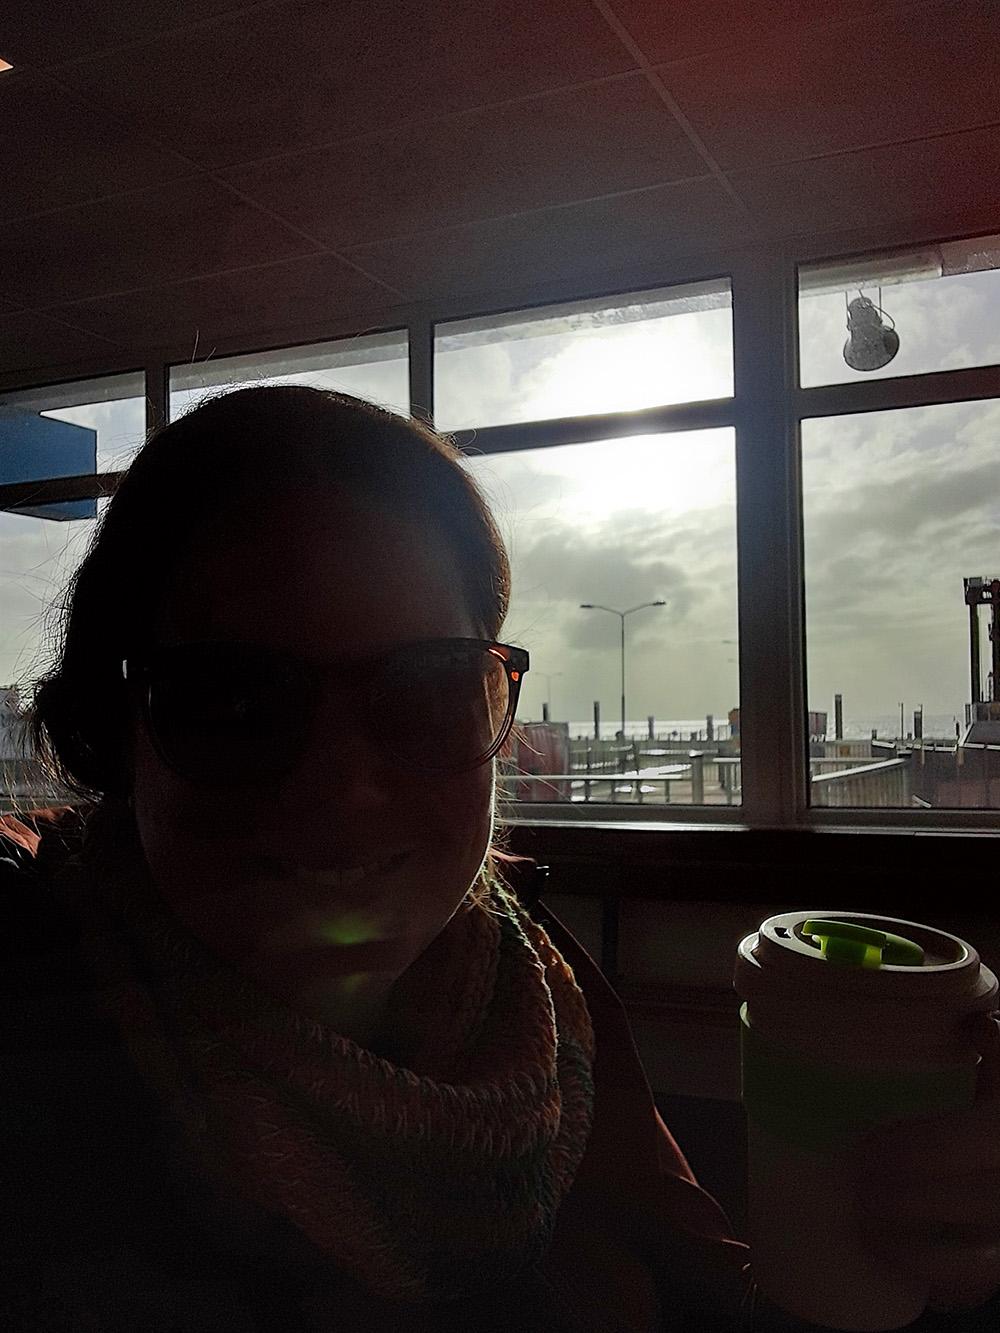 Uitgewaaid, opgeladen en voldaan in het zonnetje wachten op de veerboot terug naar het vasteland